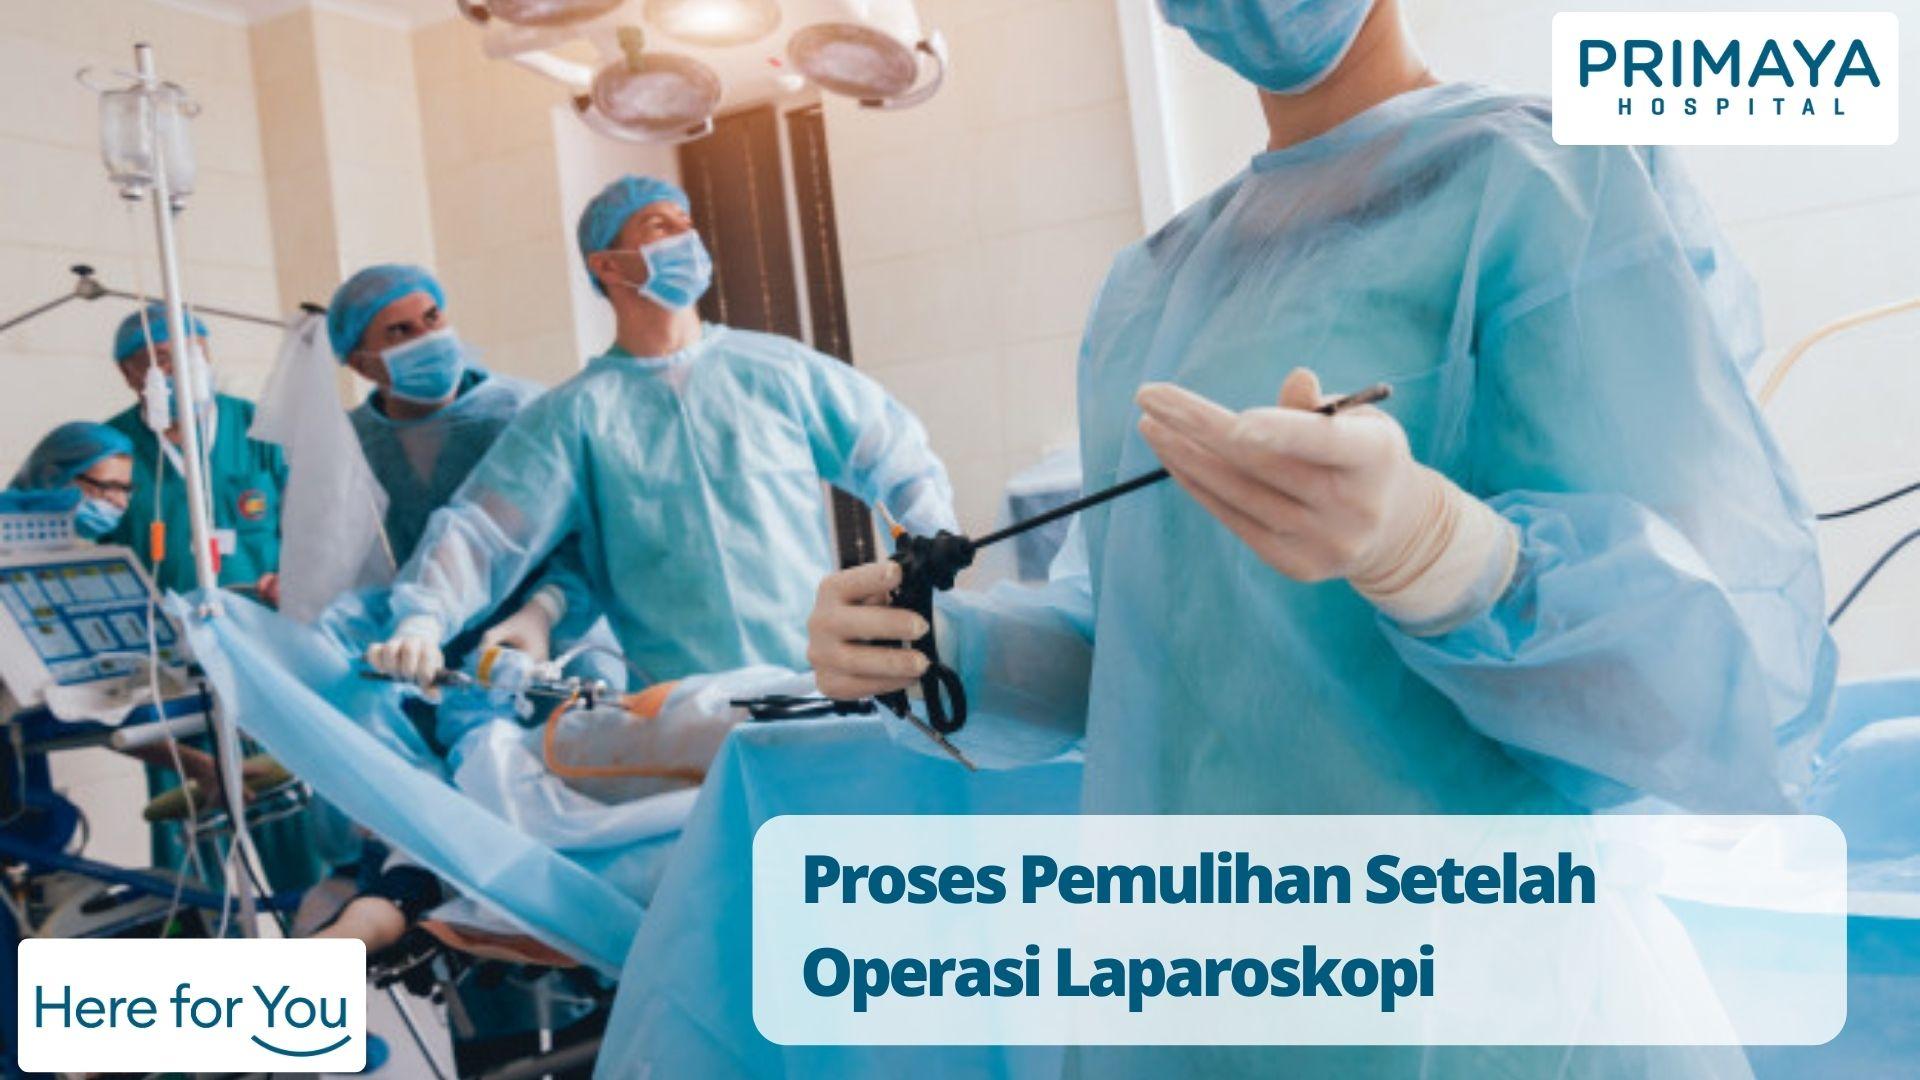 Proses Pemulihan Setelah Operasi Laparoskopi